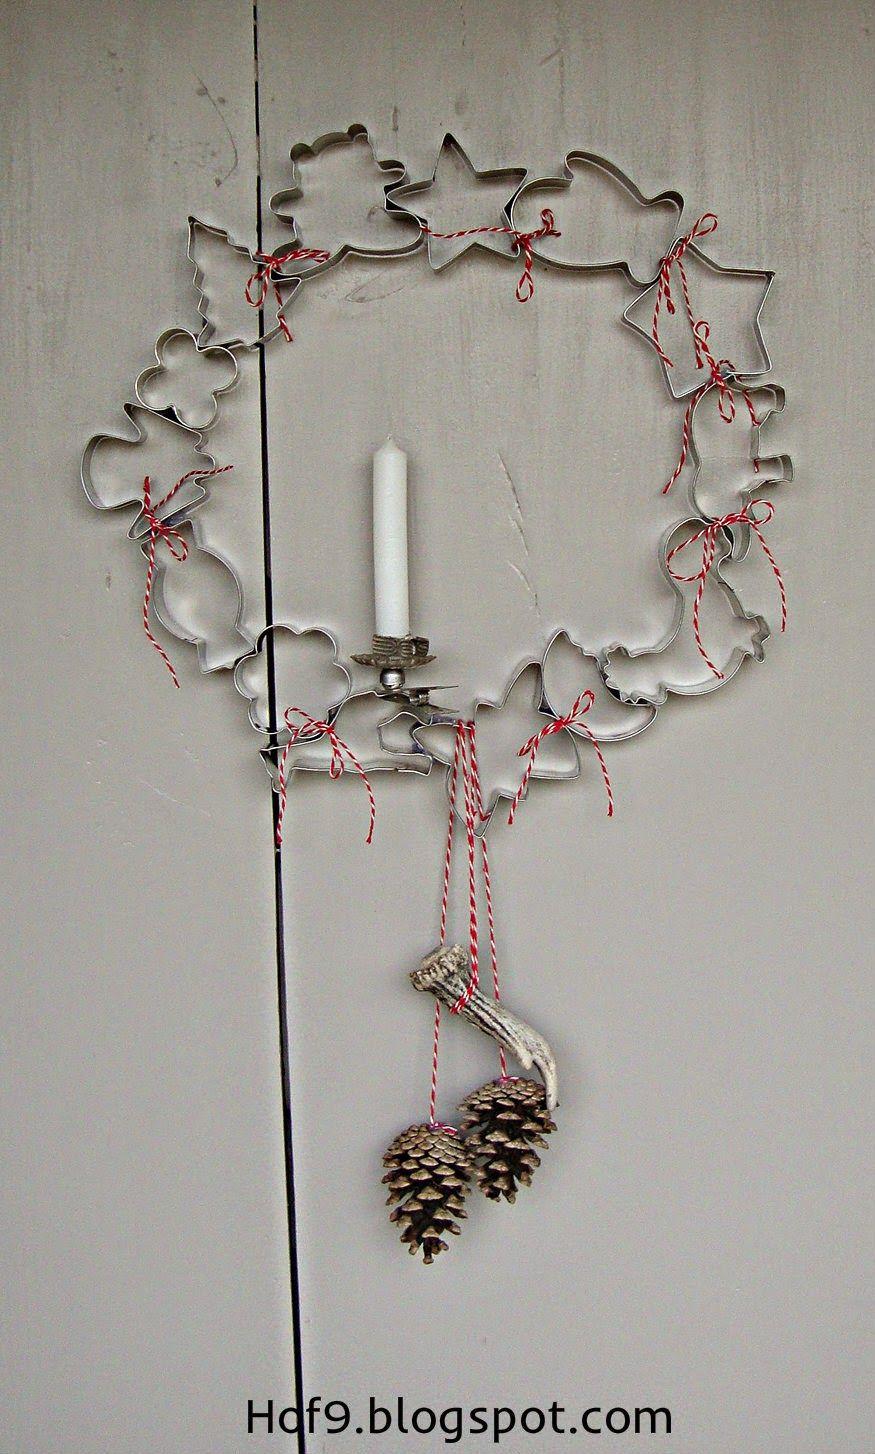 DIY II. Teil #Weihnachtsdeko #Kranz #Ausstechförmchen #Backförmchen #Plätzchenausstecher #weihnachtsmarktideenverkauf